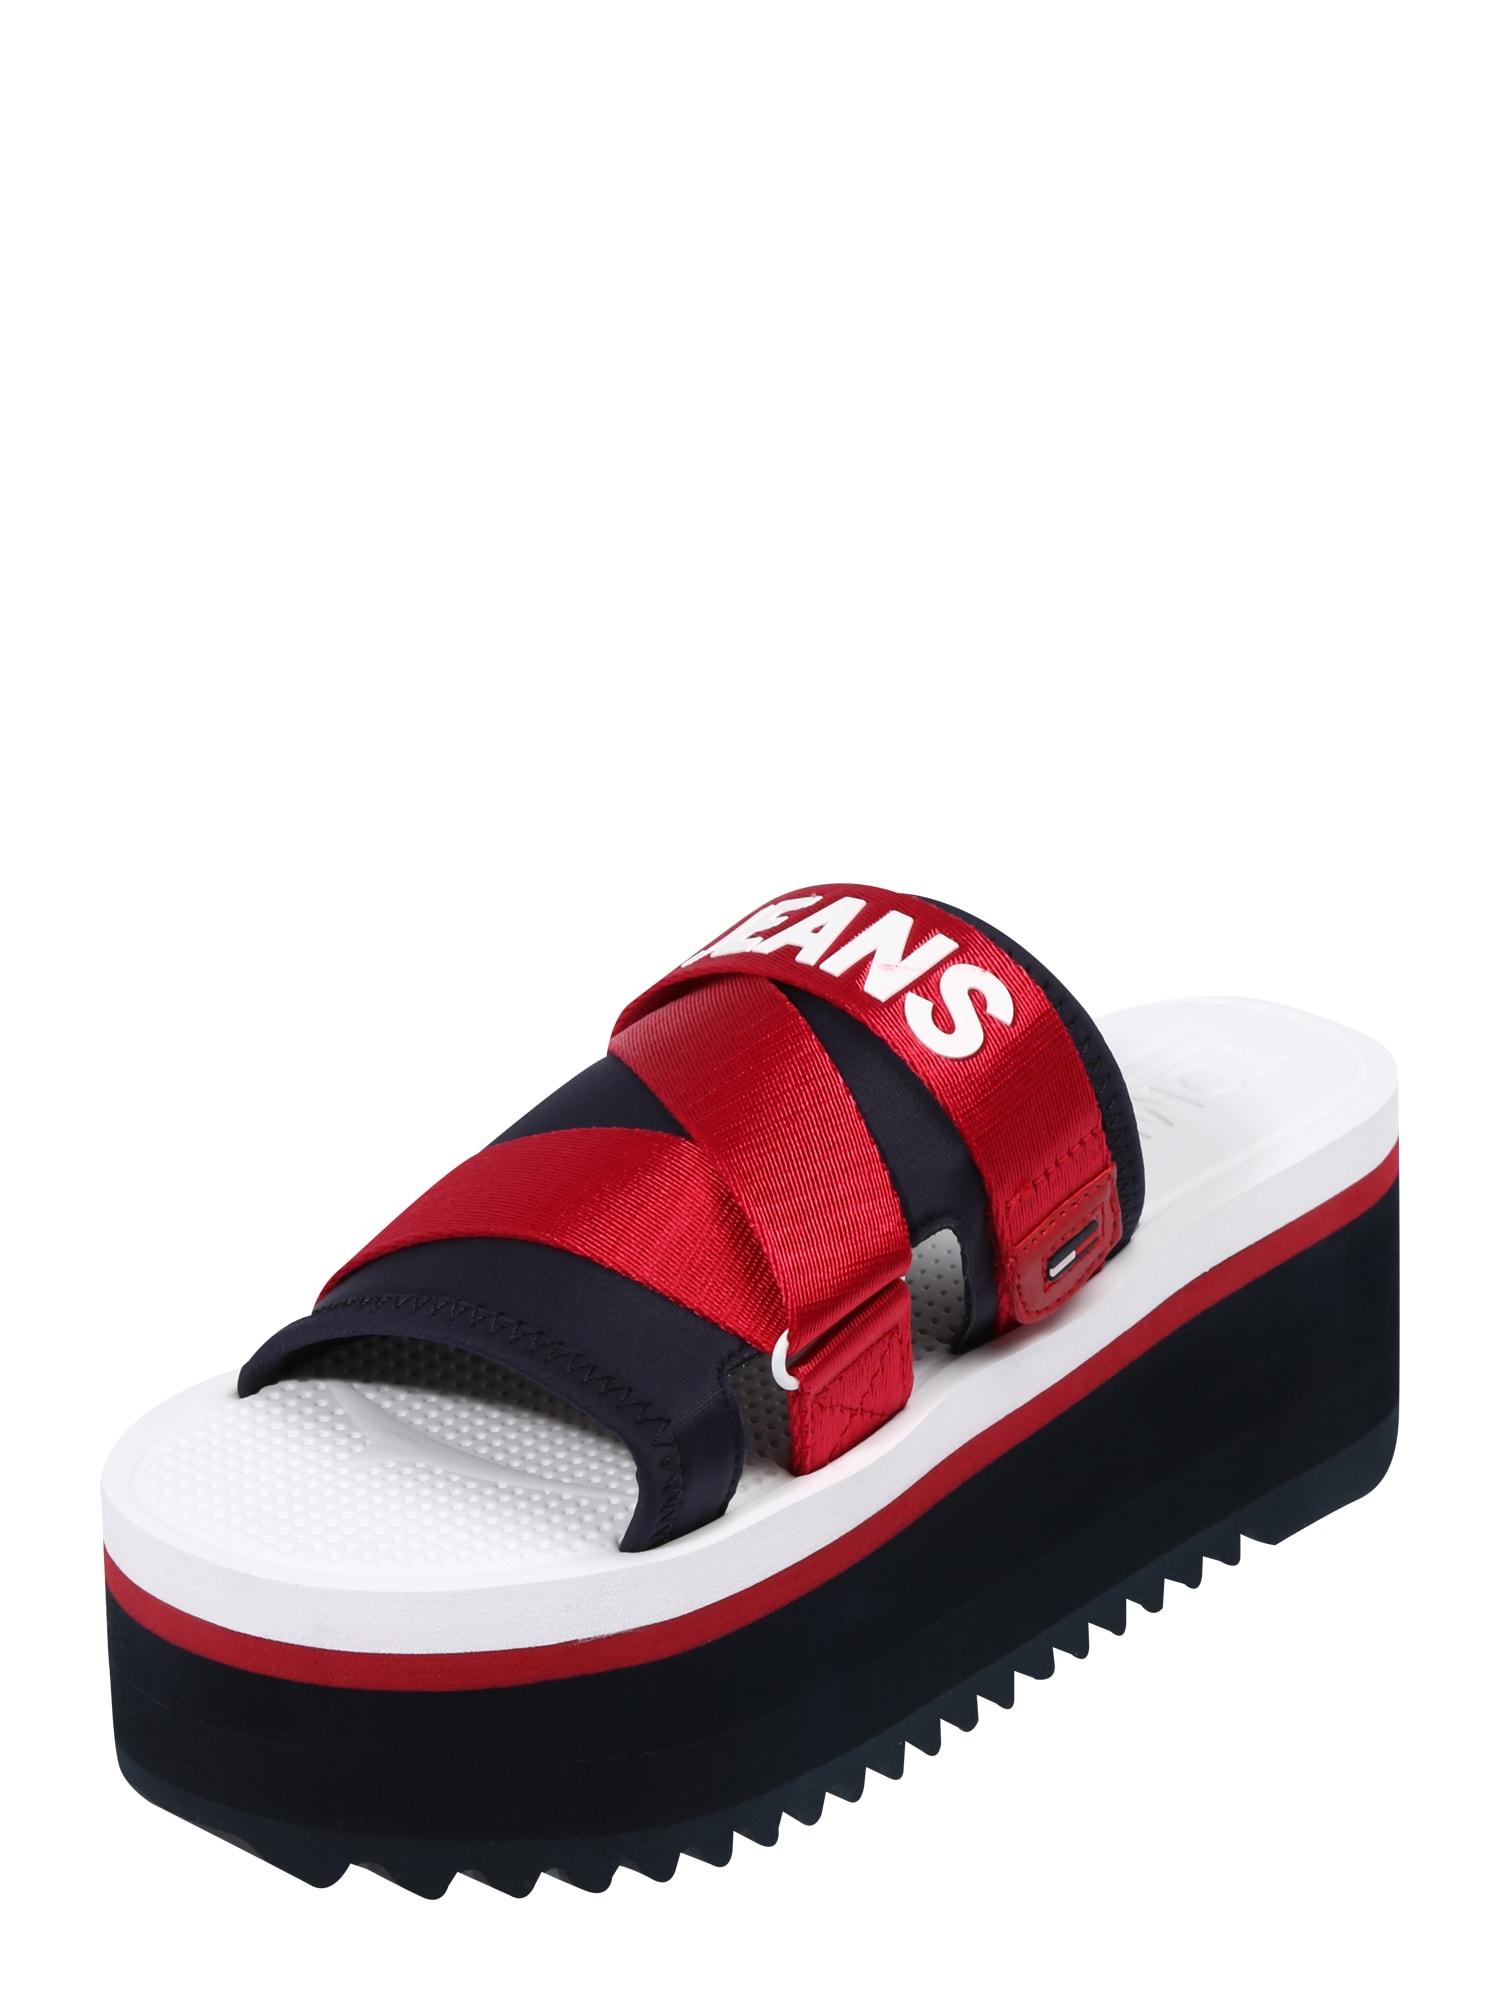 Páskové sandály COLETTE 3D tmavě modrá červená bílá Tommy Jeans